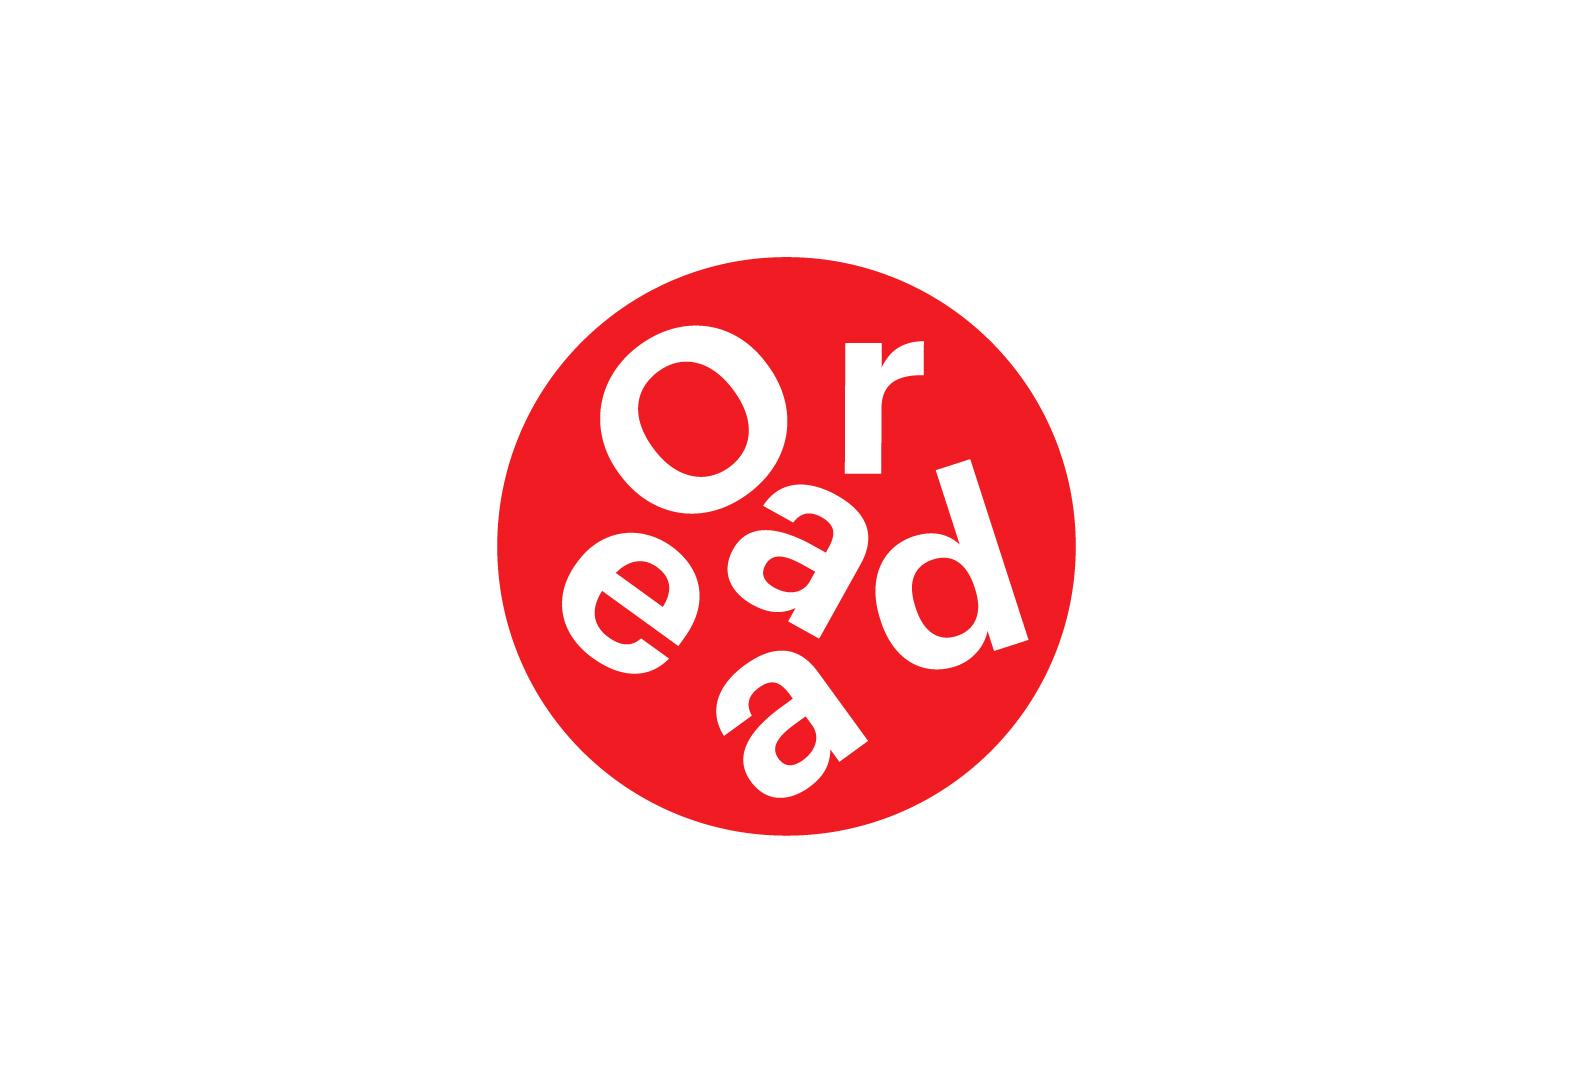 oradea_identitate_export_Hye Oradea 2.1.jpg